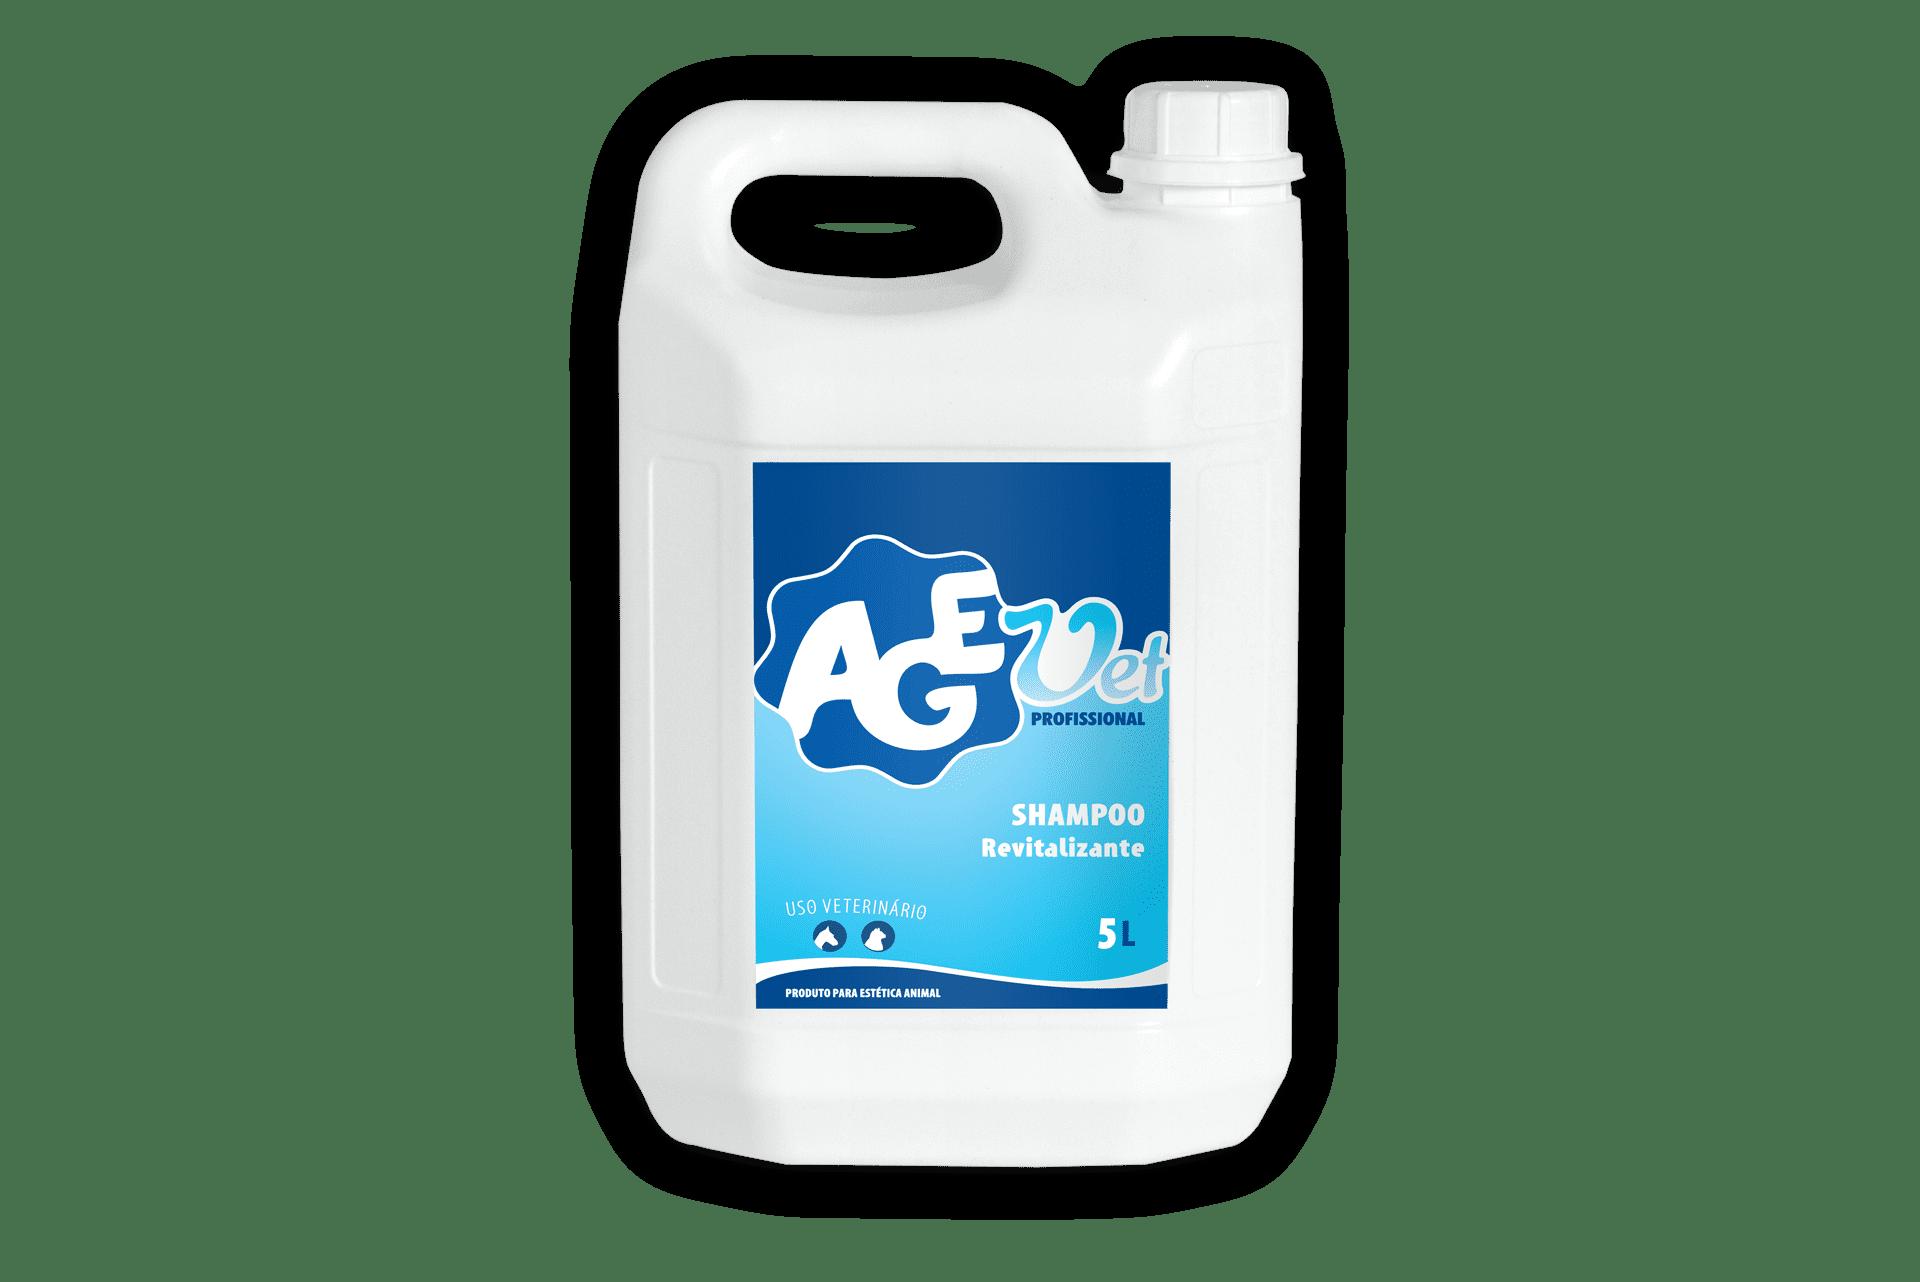 Foto do produto Shampoo Revitalizante 5 Litros para visualização